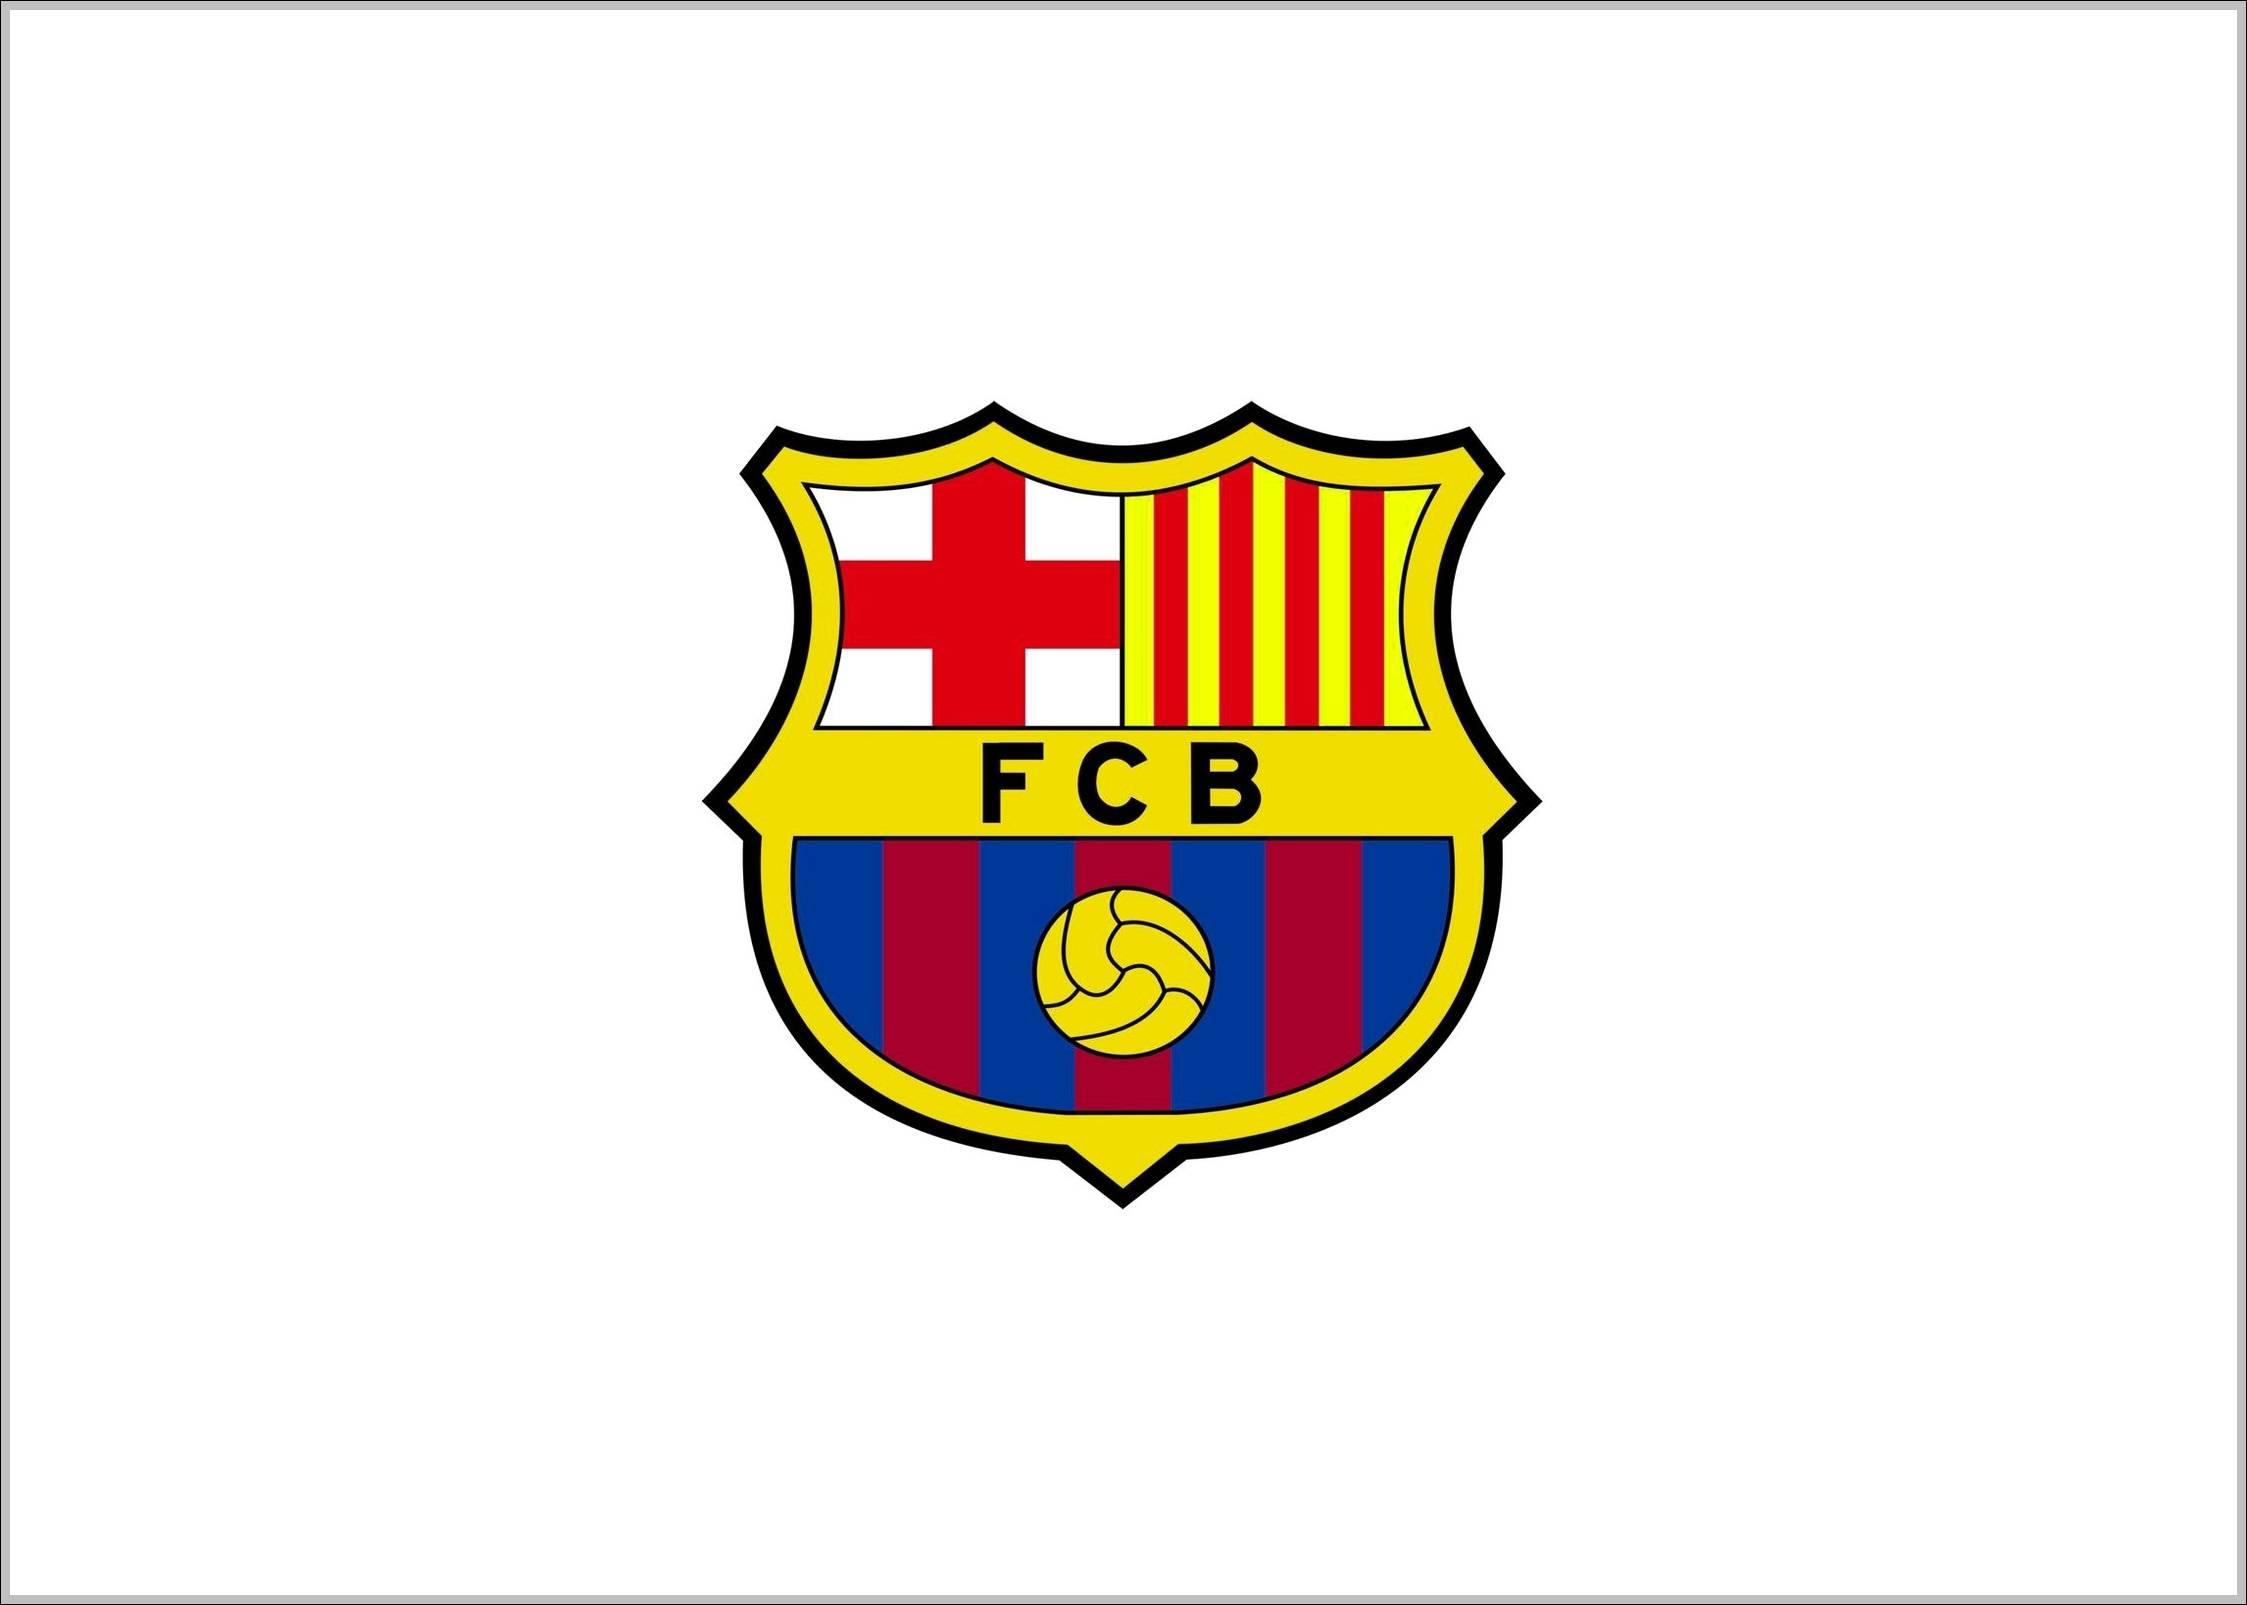 Fc barcelona logos logo sign logos signs symbols trademarks of